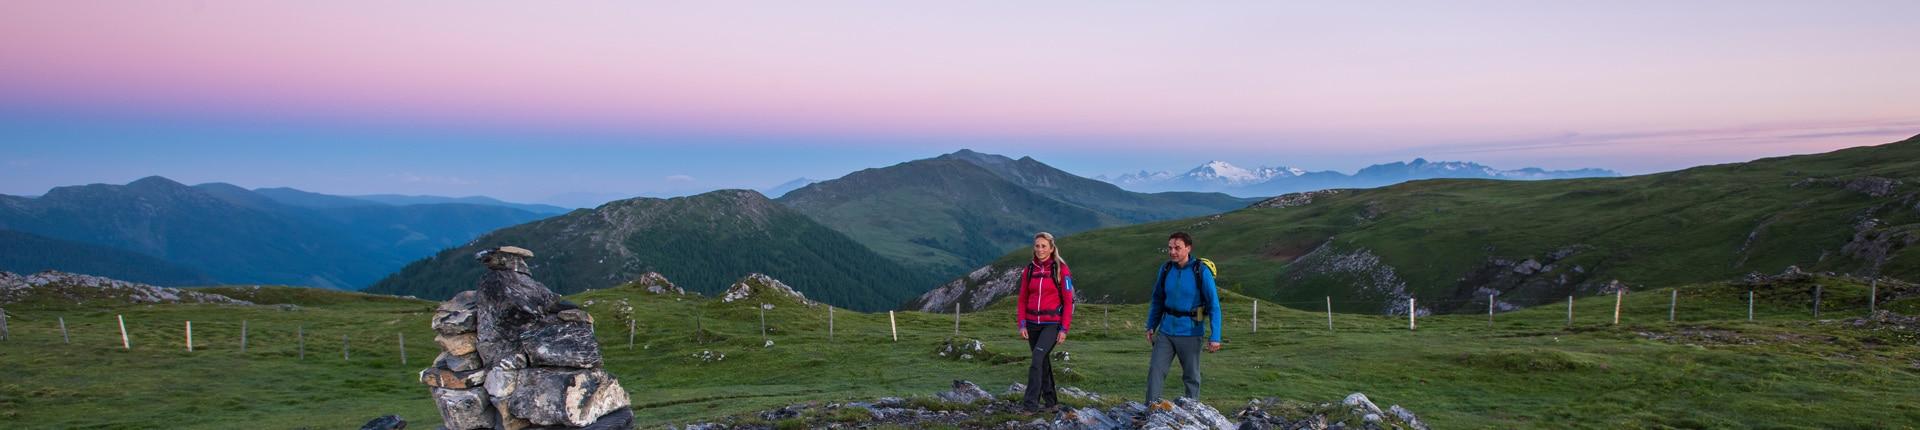 Nockberge-trail Wanderroute im Morgenlicht